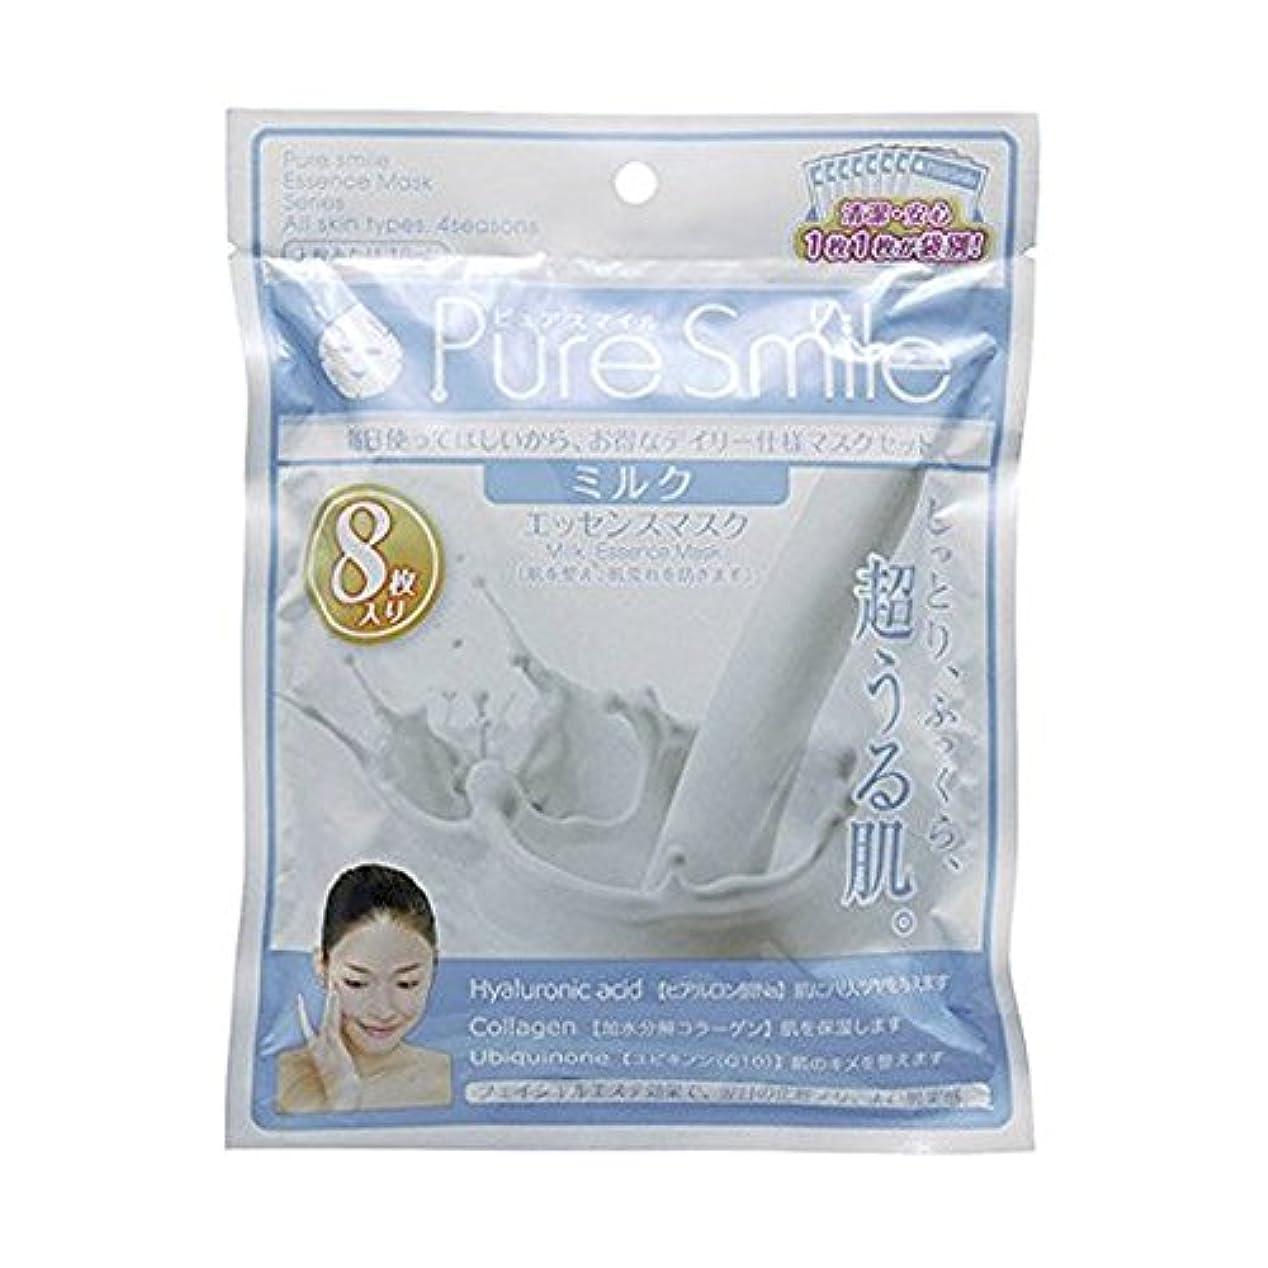 完全に代数テレマコスピュアスマイル エッセンスマスク 8枚セット ミルク